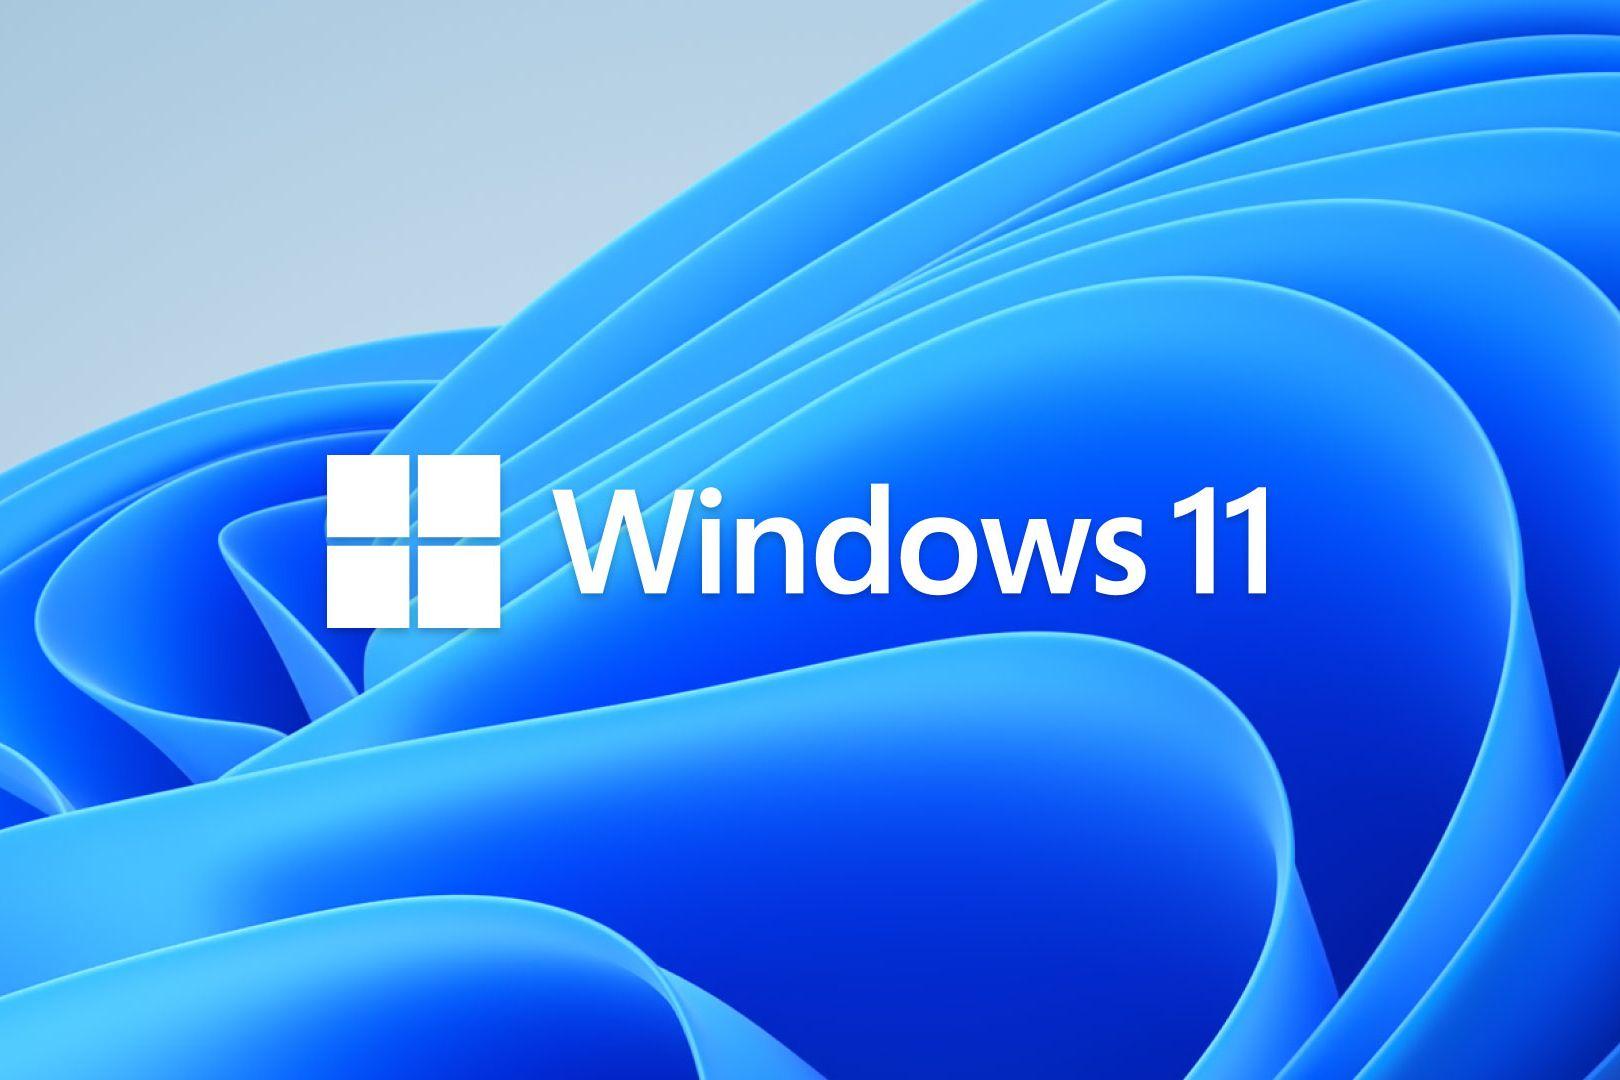 Windows 11 : il ne sera pas possible de contourner les restrictions d'installation